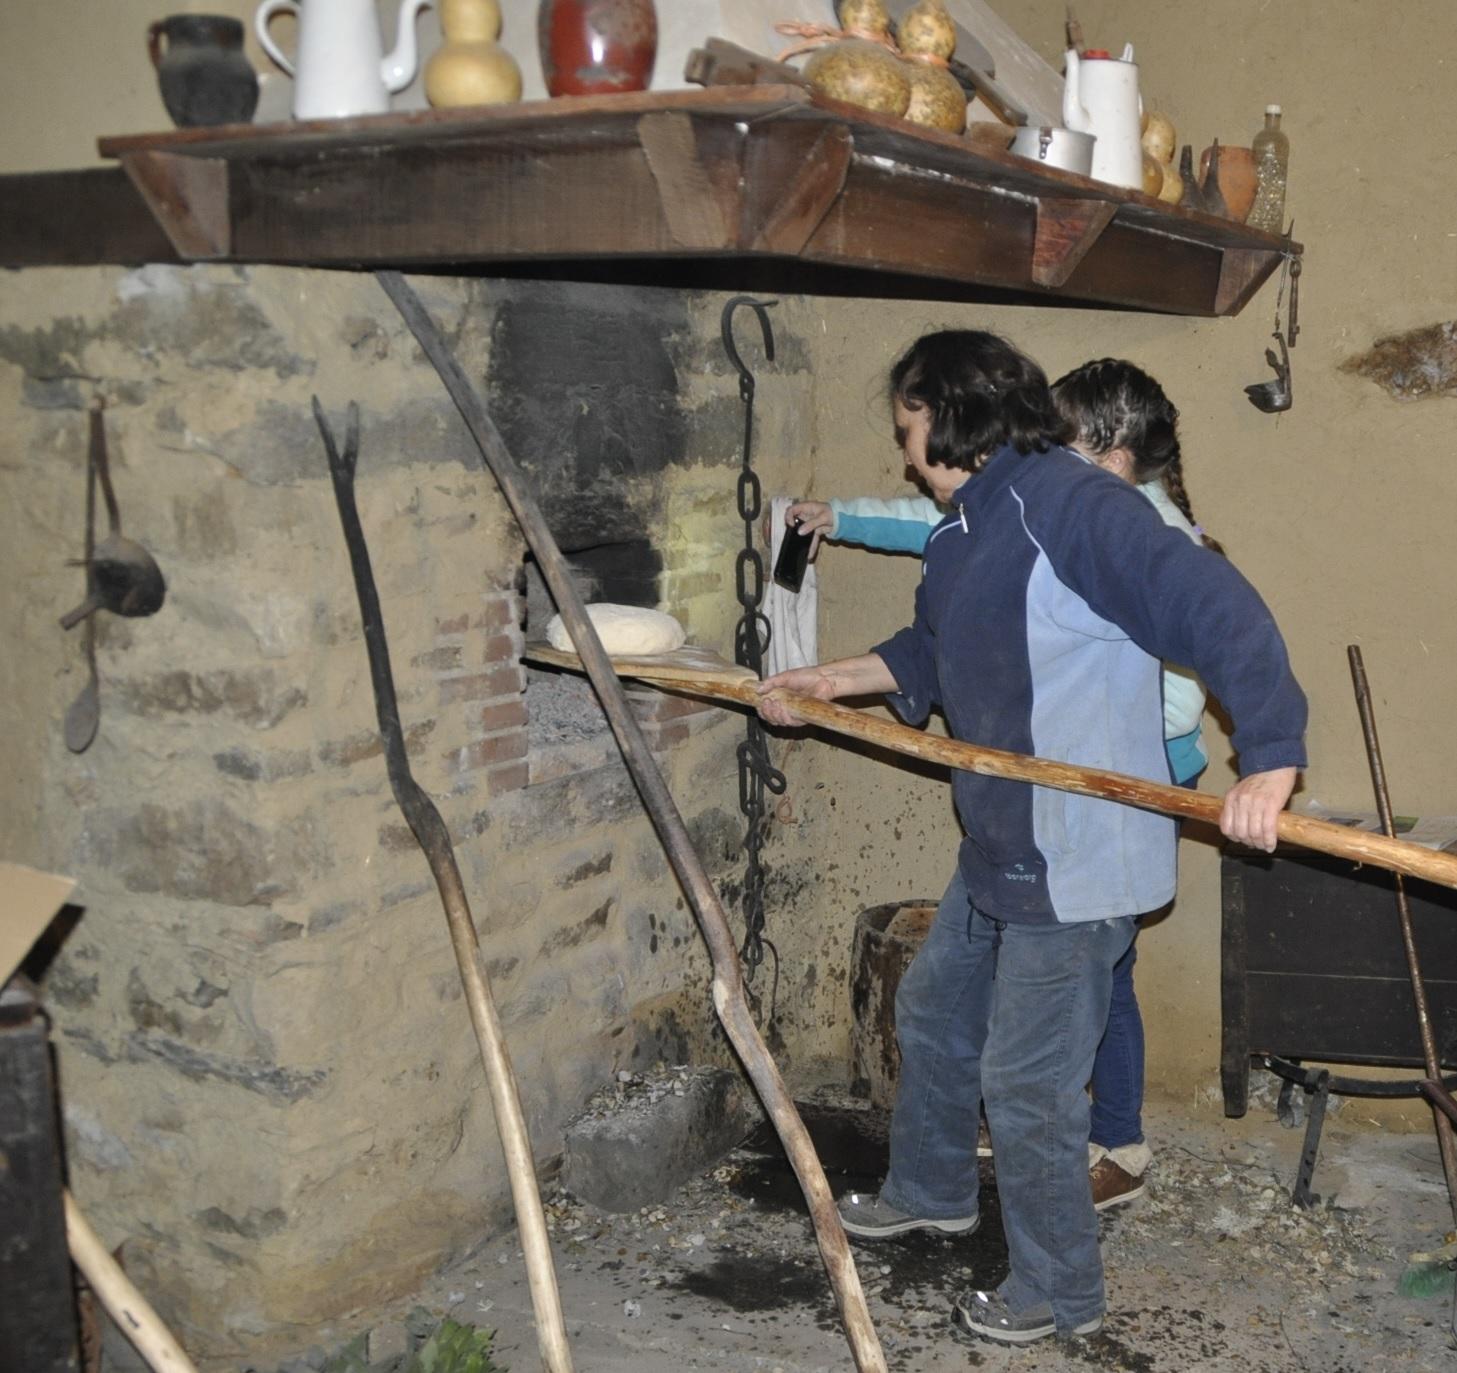 Haciendo el pan en Aliste Las Obreras de aliste